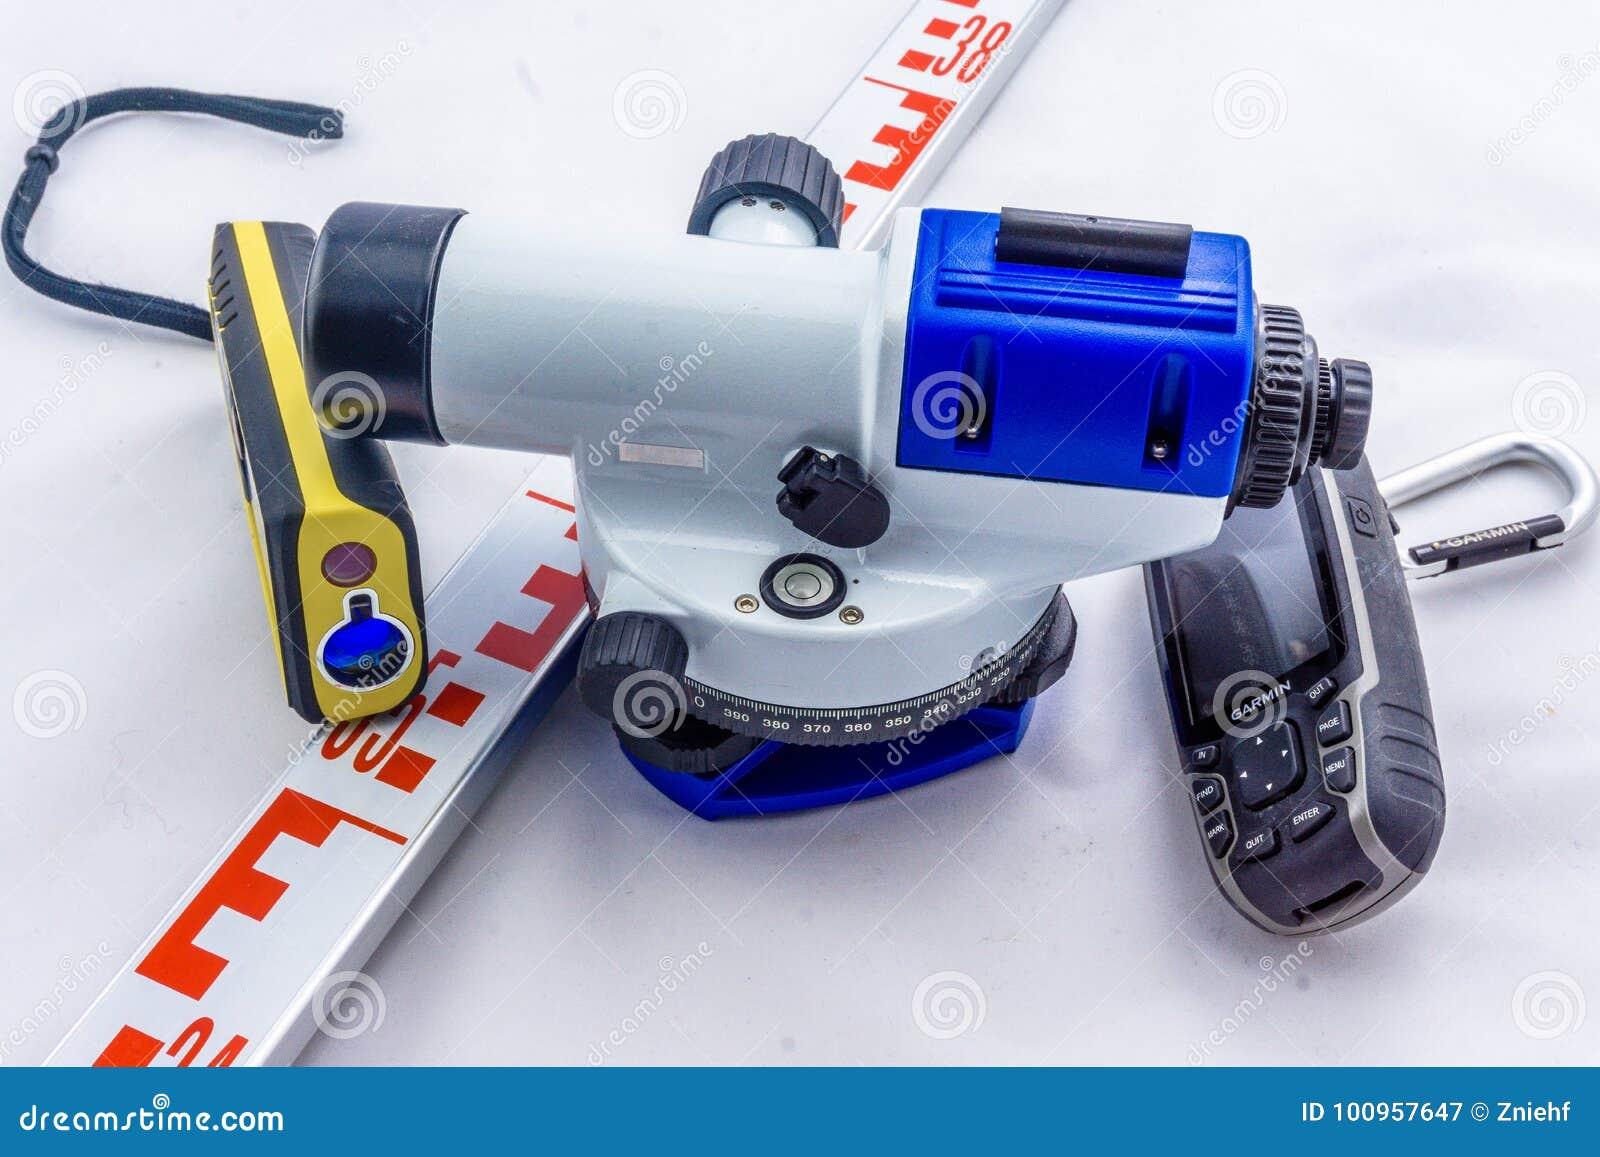 Mise à niveau du dispositif, personnel, critère, règle, GPS, télémètre